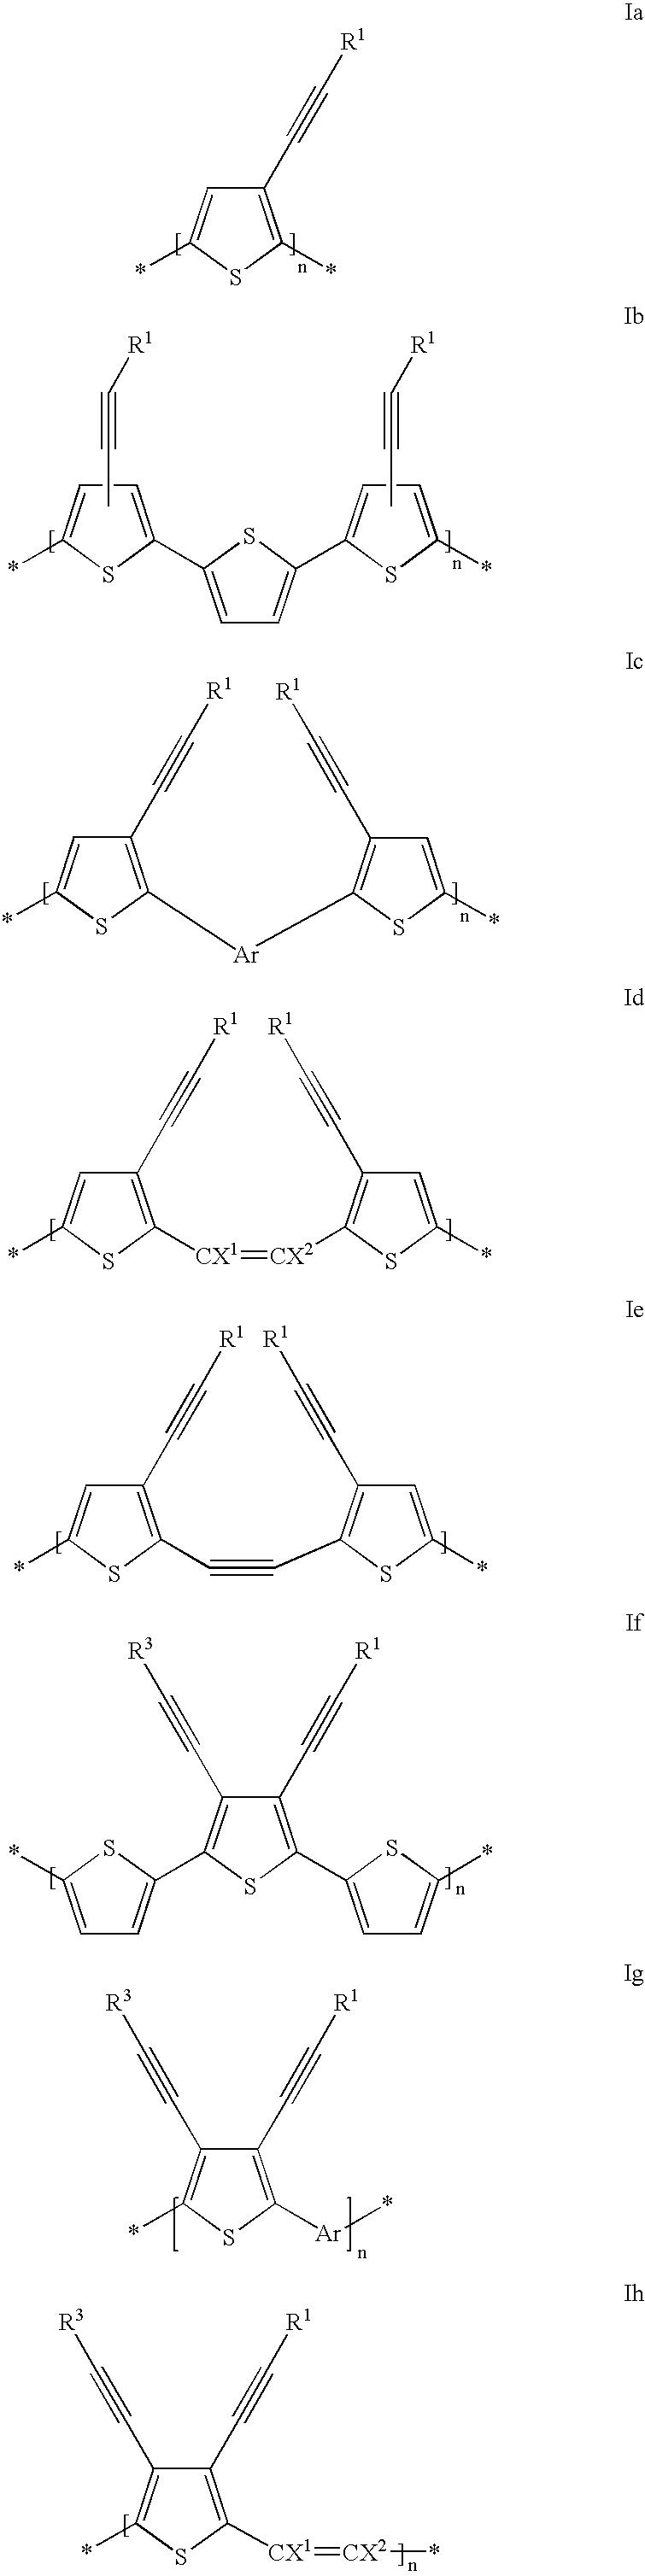 Figure US20040127592A1-20040701-C00017